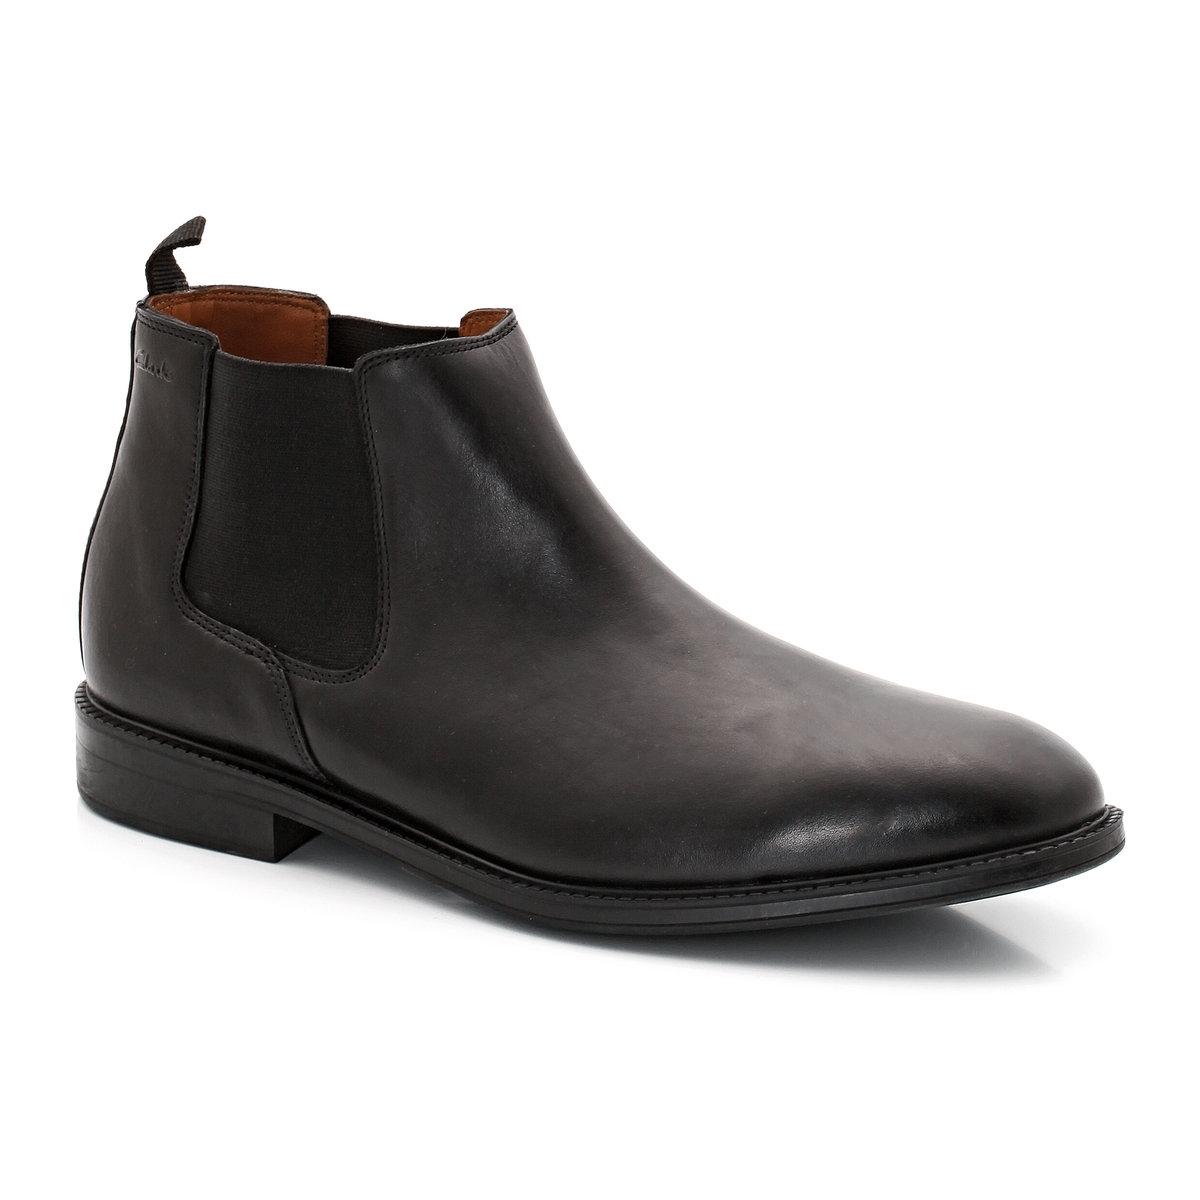 Ботинки кожаные Chilver TopДетали  •  Высота голенища : 15 см для размера 37 •  Высота каблука : 3 см •  Застежка : без застежки •  Круглый мысокСостав и уход   •  Верх 100% яловичная кожа •  Стелька 100% кожа •  Подошва 100% каучук<br><br>Цвет: черный